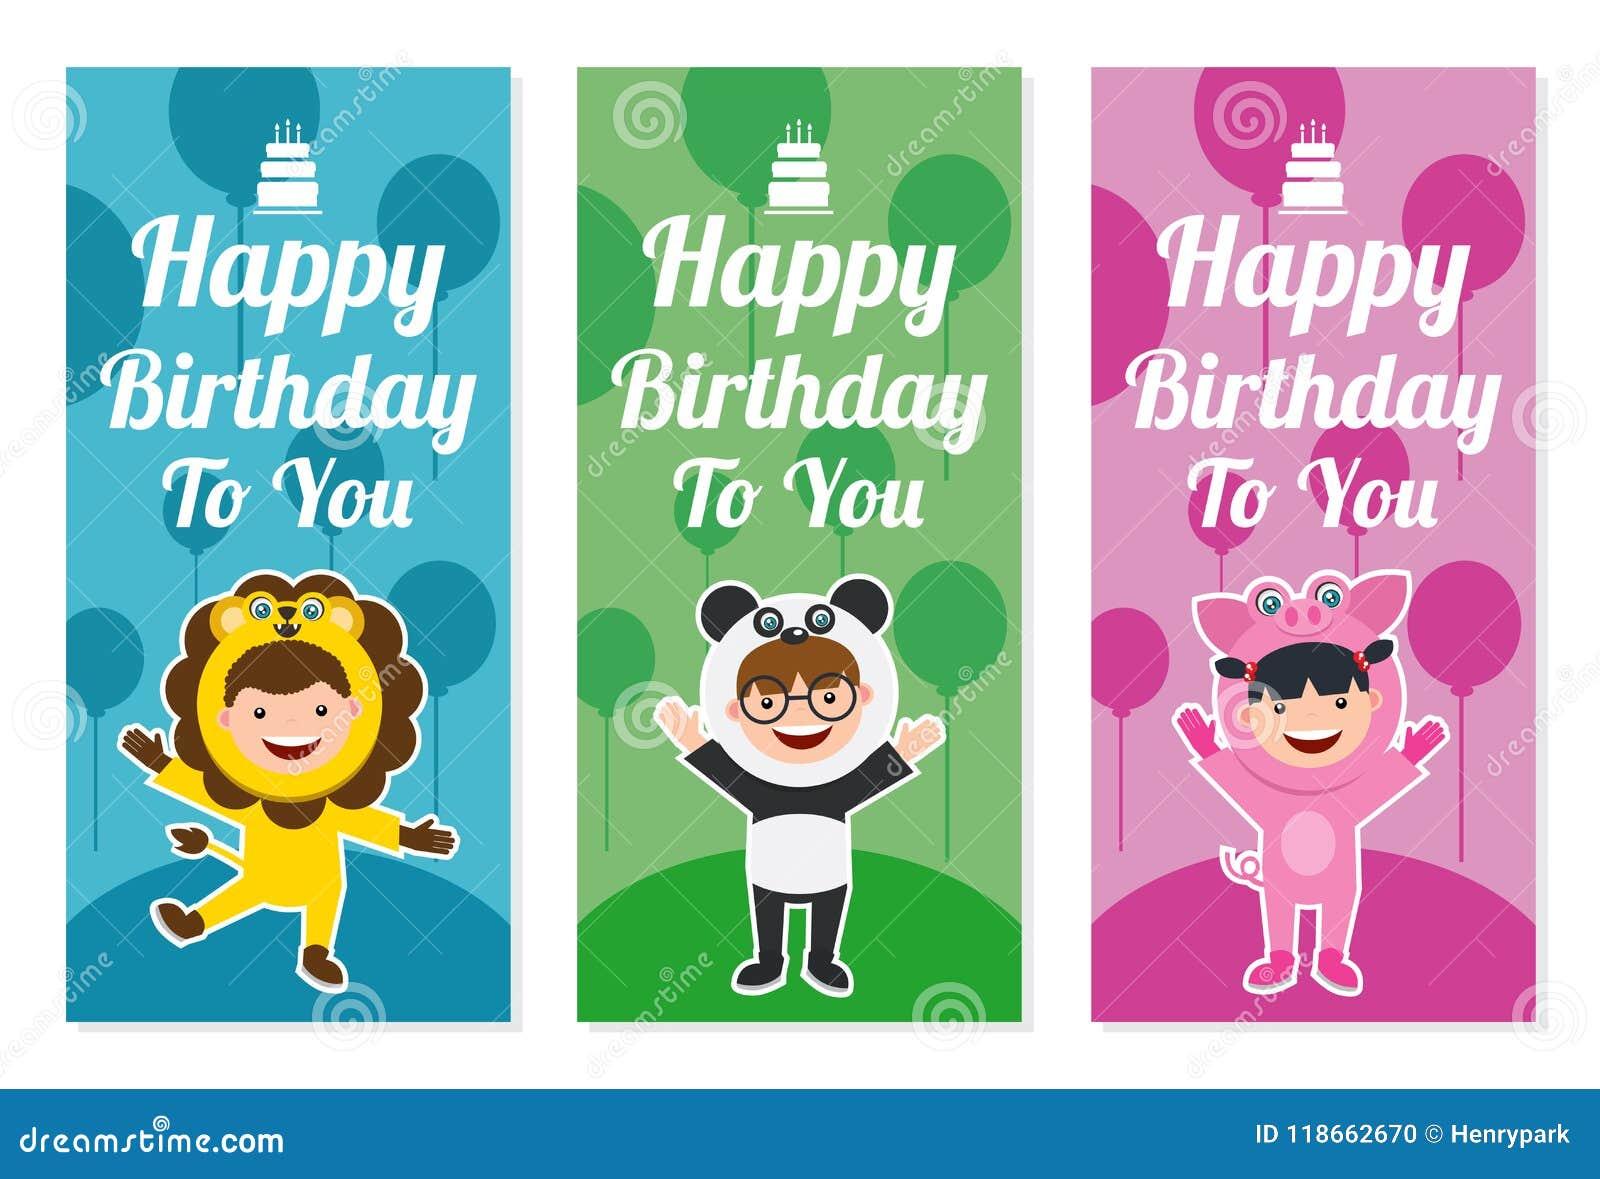 Biglietto Di Auguri Per Il Compleanno Con I Bambini In Costume